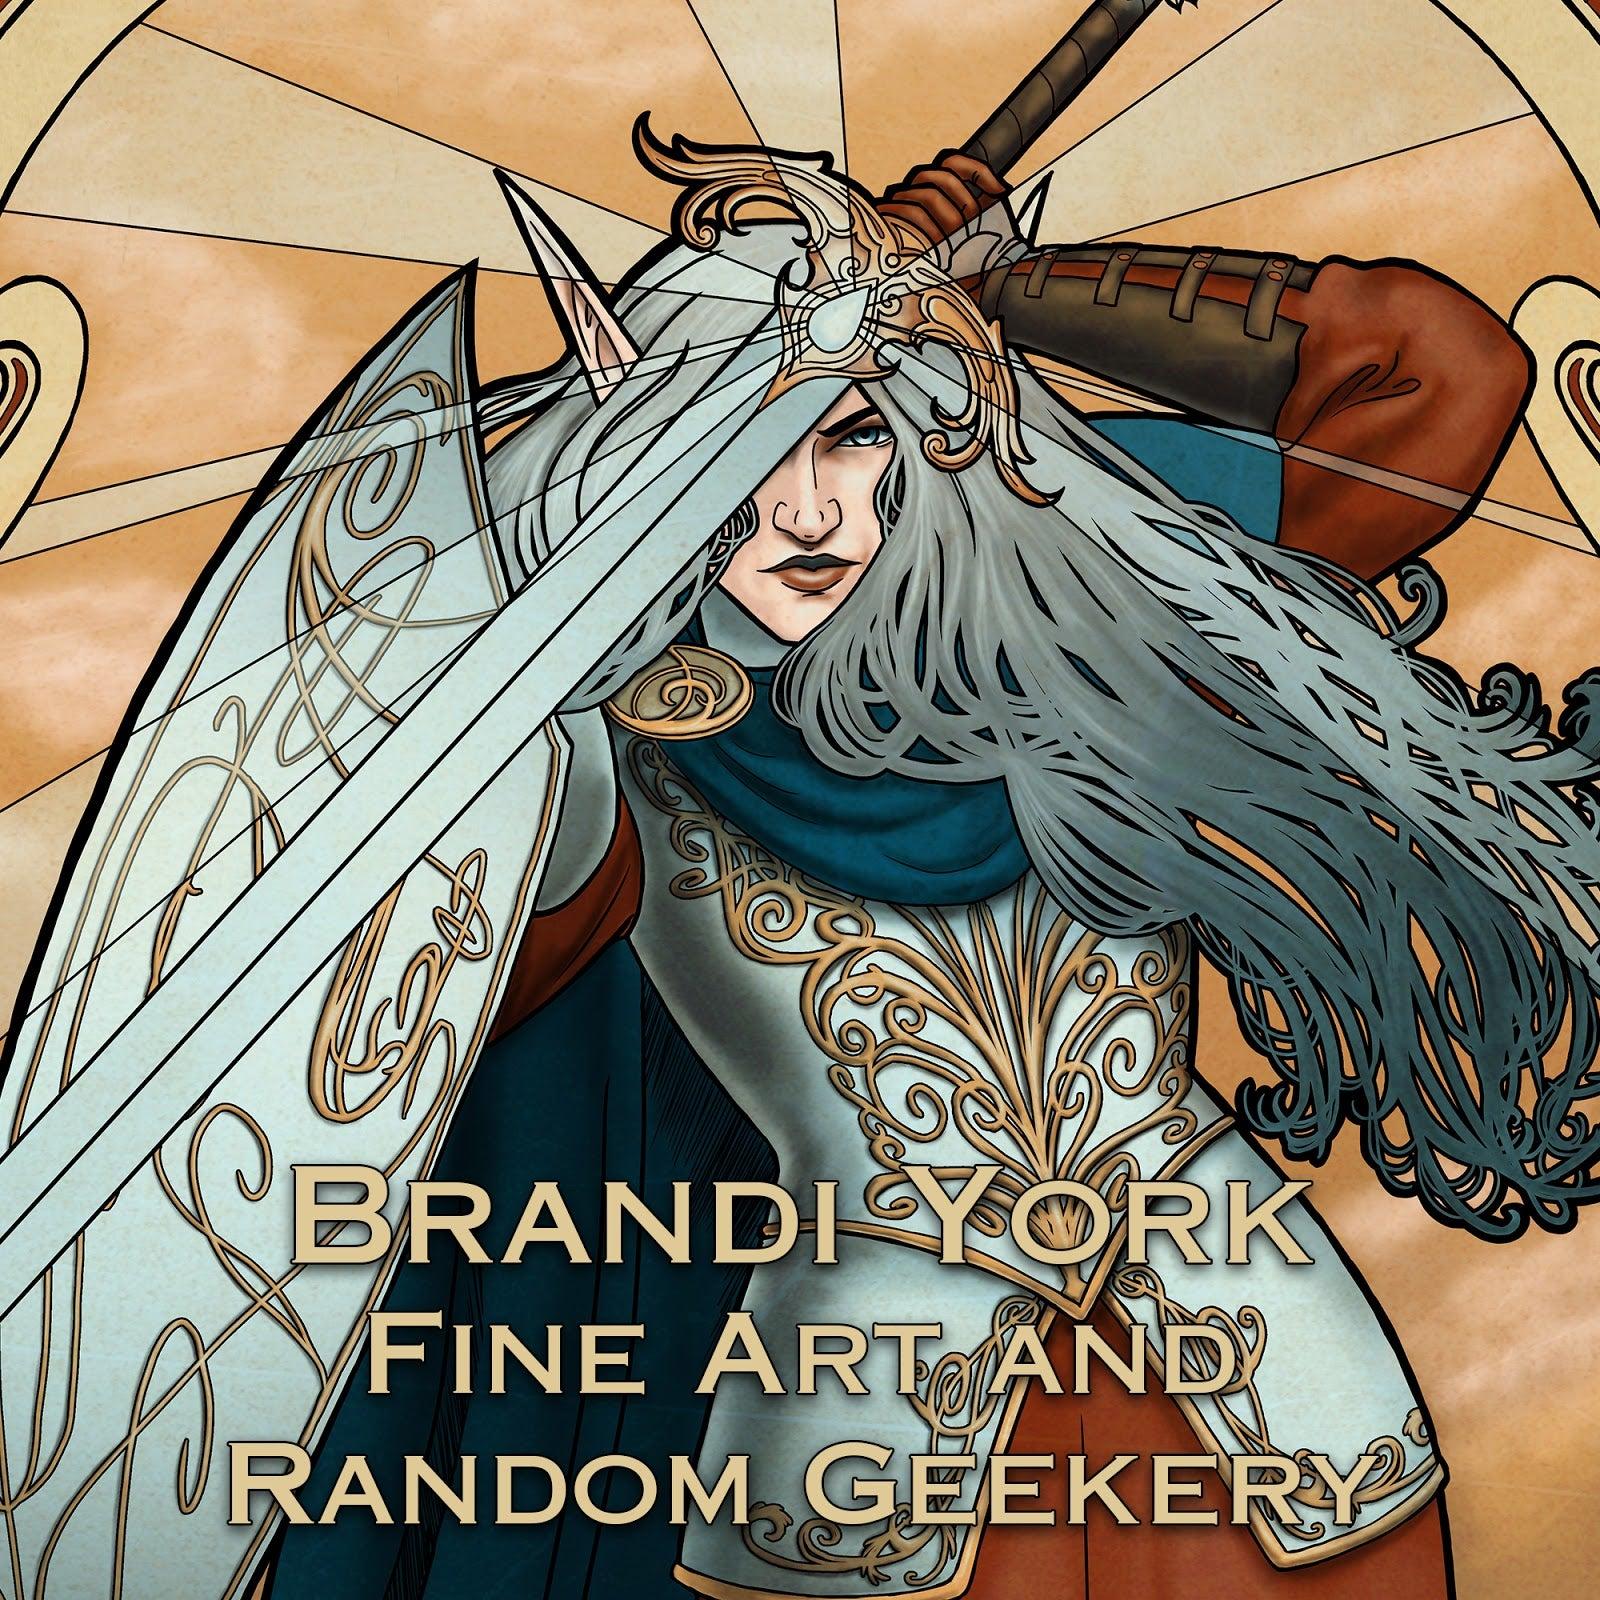 Brandi York Fine Art and Random Geekery